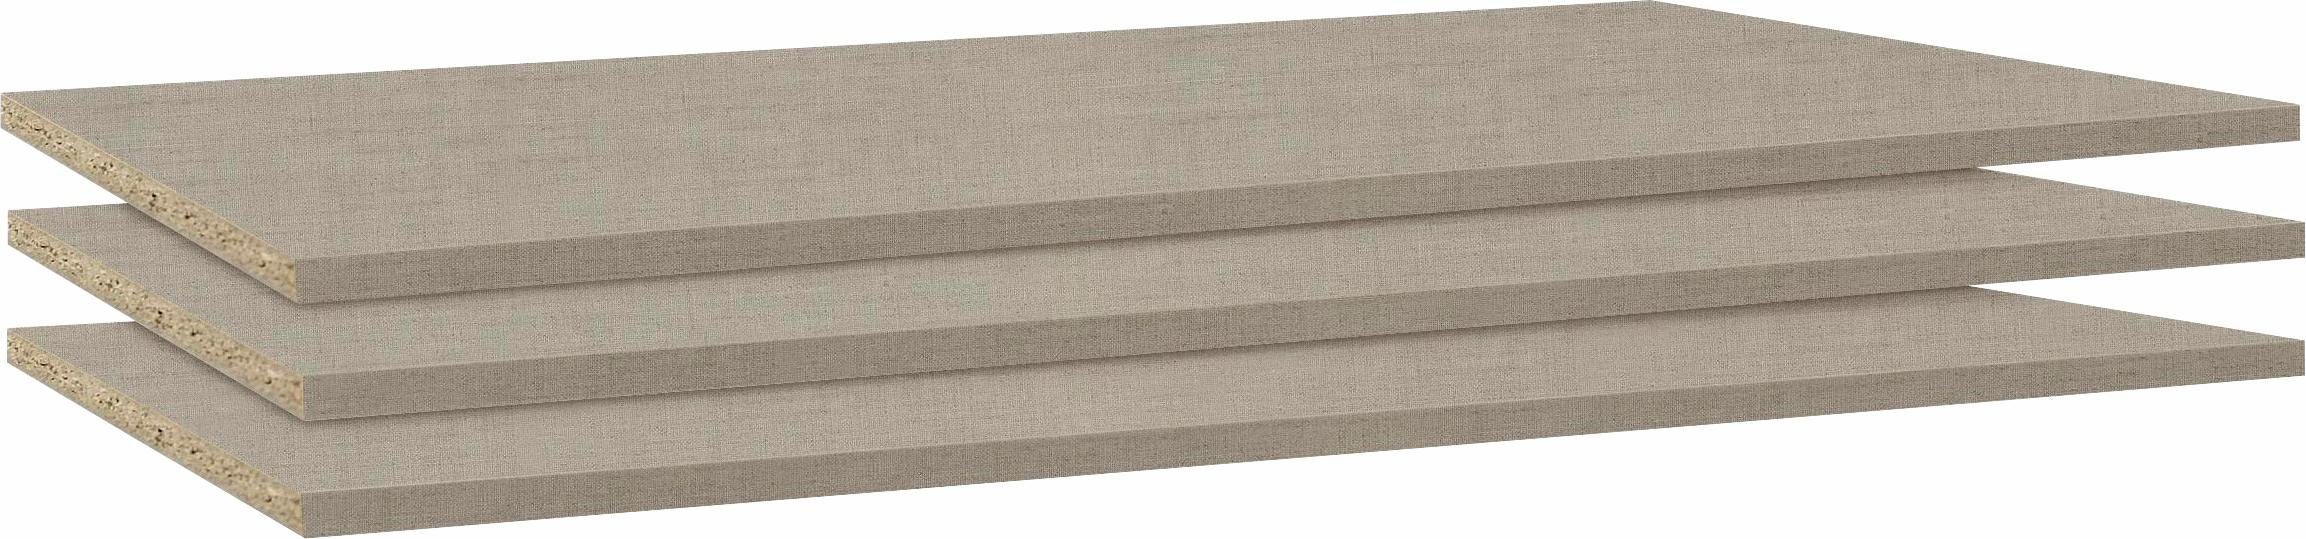 rauch Einlegeböden »Minosa« (3 Stück), Breite 88 cm